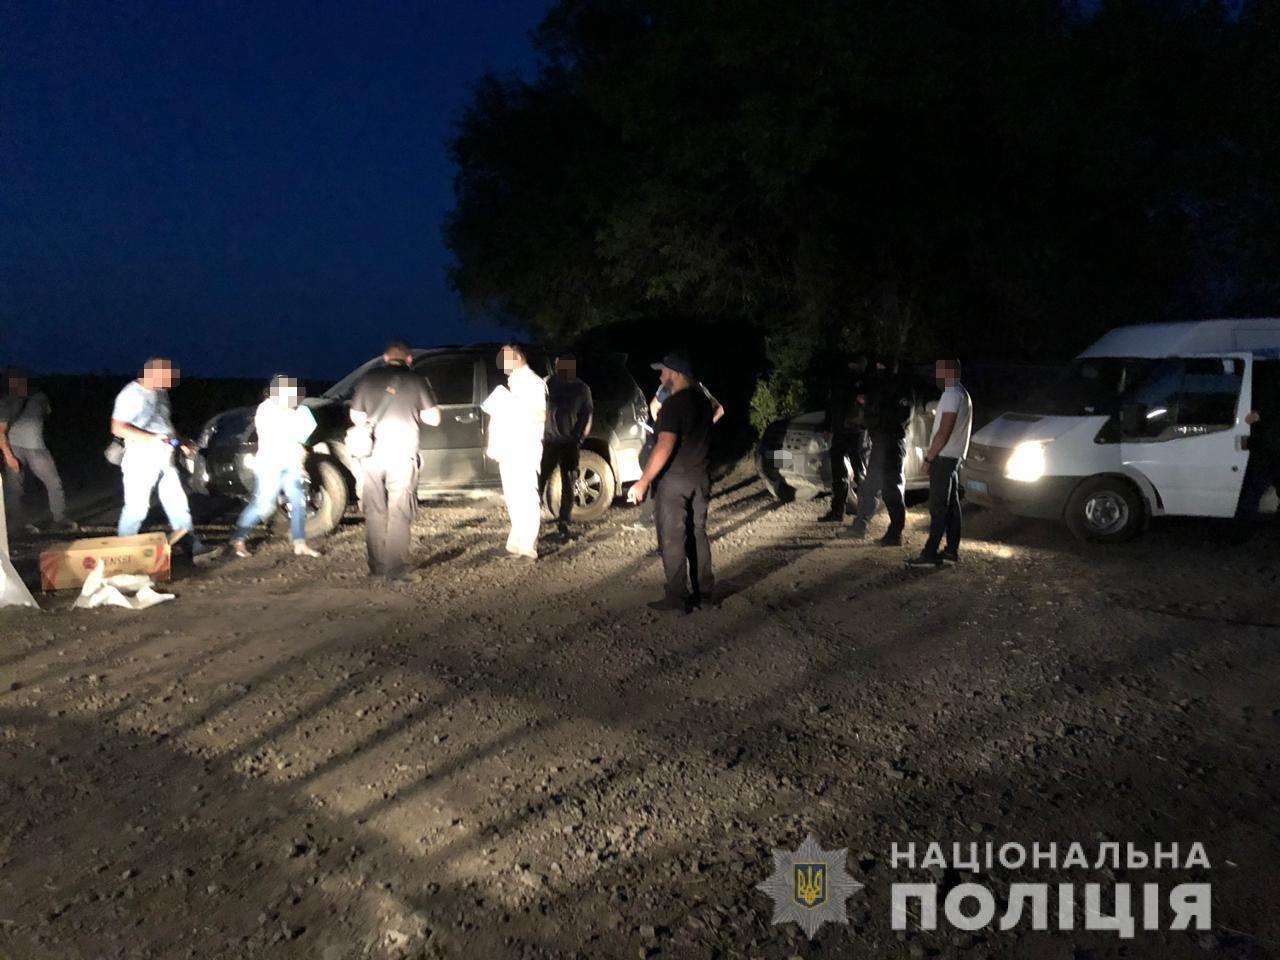 Полиция задержала мужчин, пытавшихся захватить госпредприятие на Харьковщине, - ФОТО, фото-1